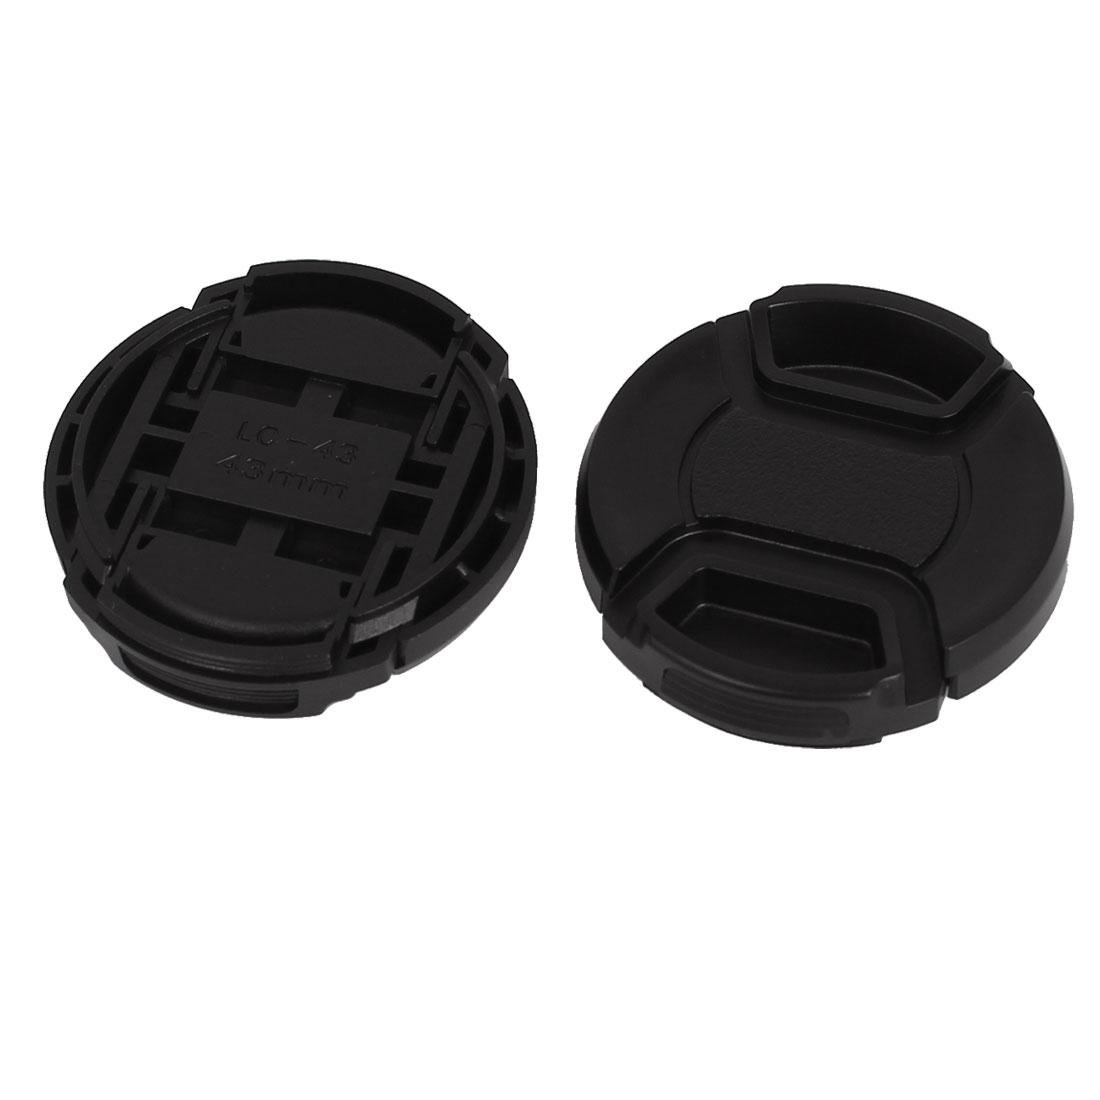 43mm Dia Plastic Front Snap Digita Camera Lens Caps Cover Protector Black 2Pcs